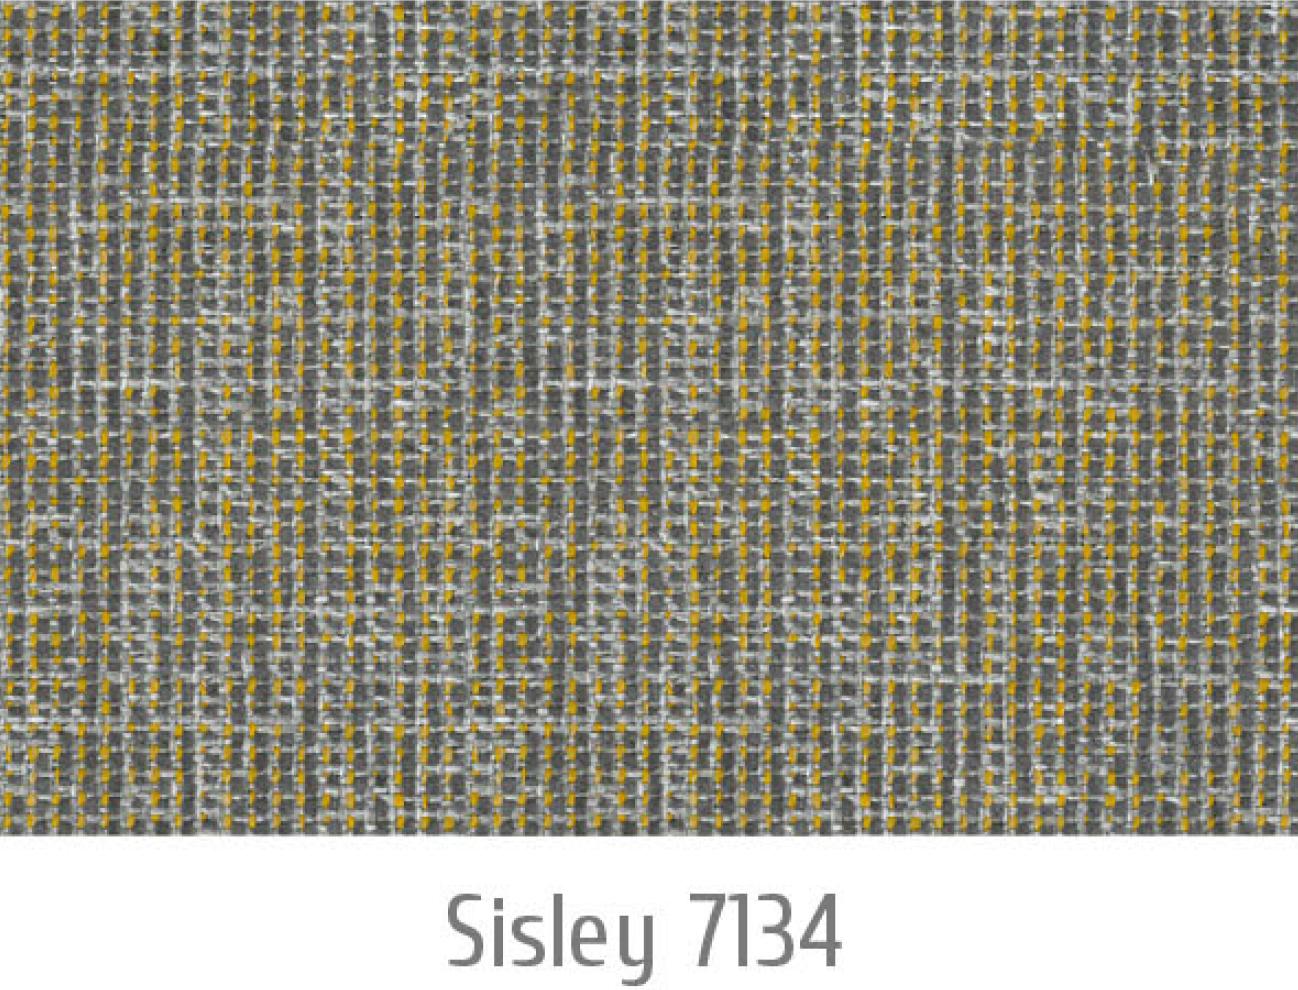 Sisley7134